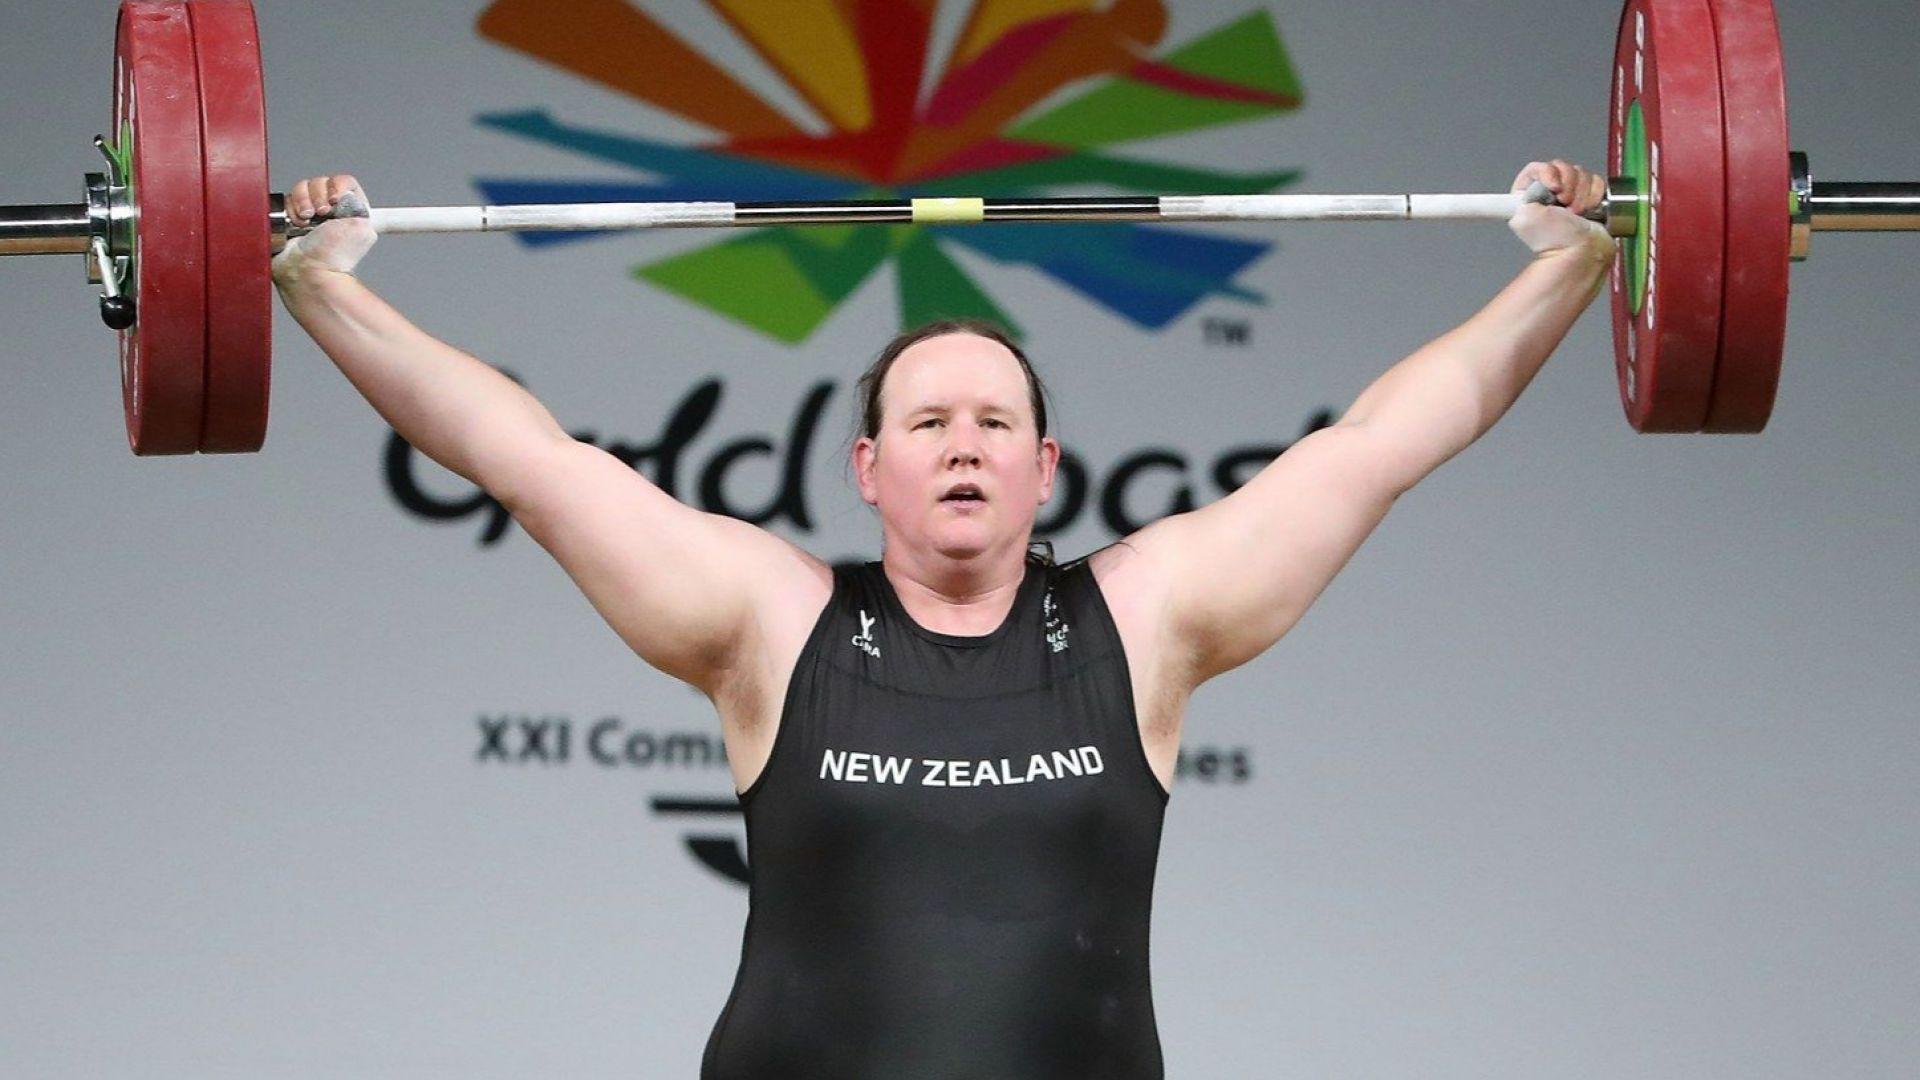 Транссексуална щангистка иска да участва на Олимпиадата